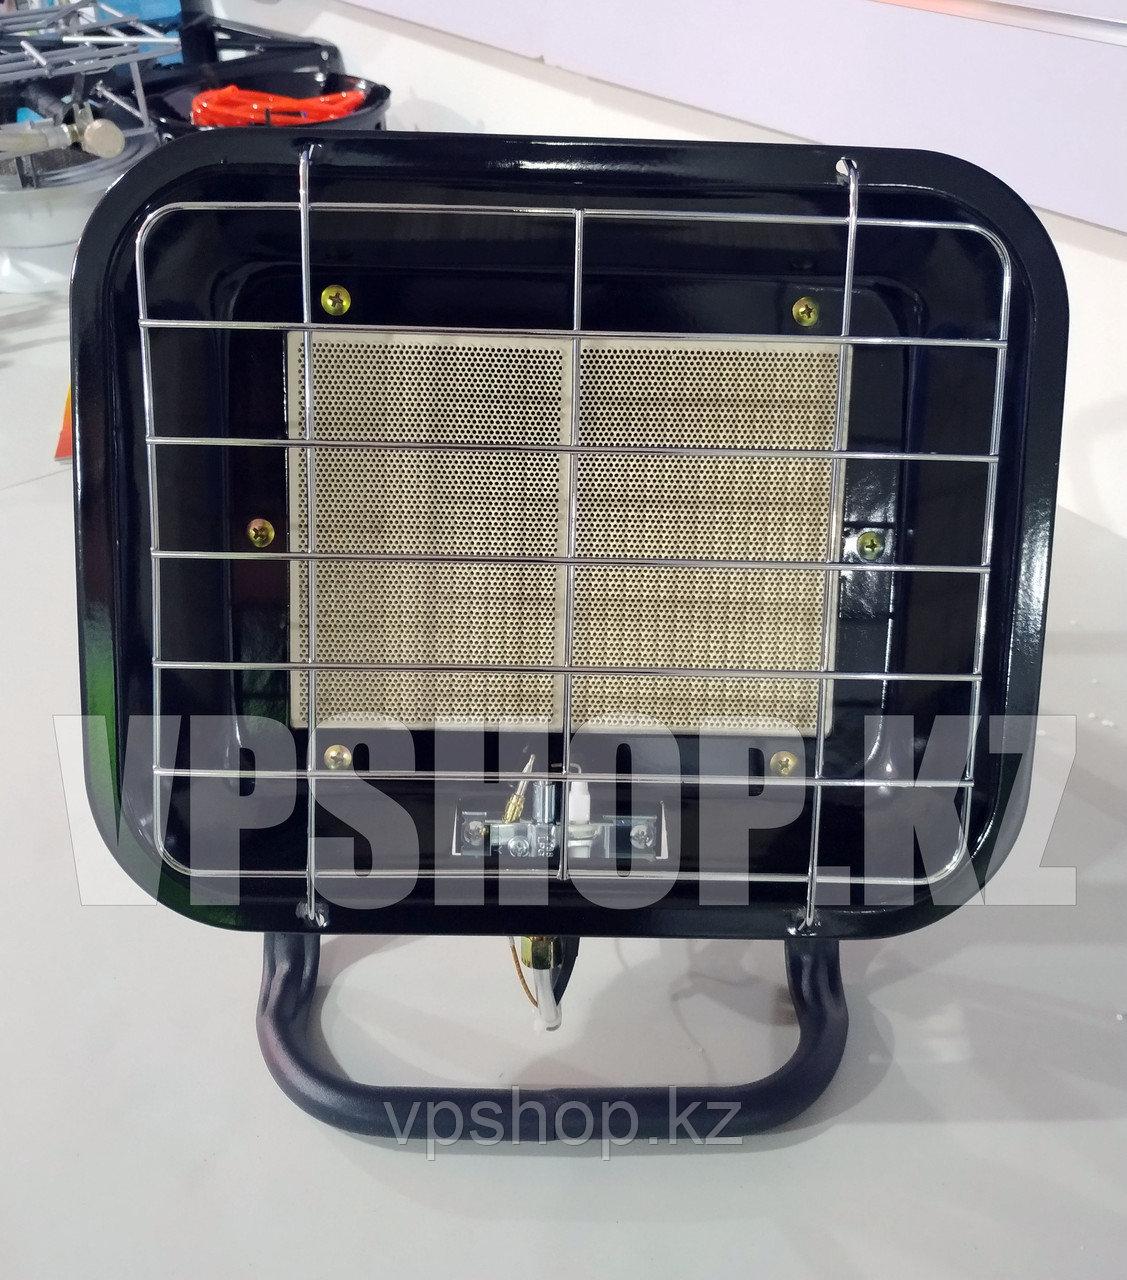 Газовый инфракрасный обогреватель ГИК-3.2, мощность 3.2 кВт, доставка